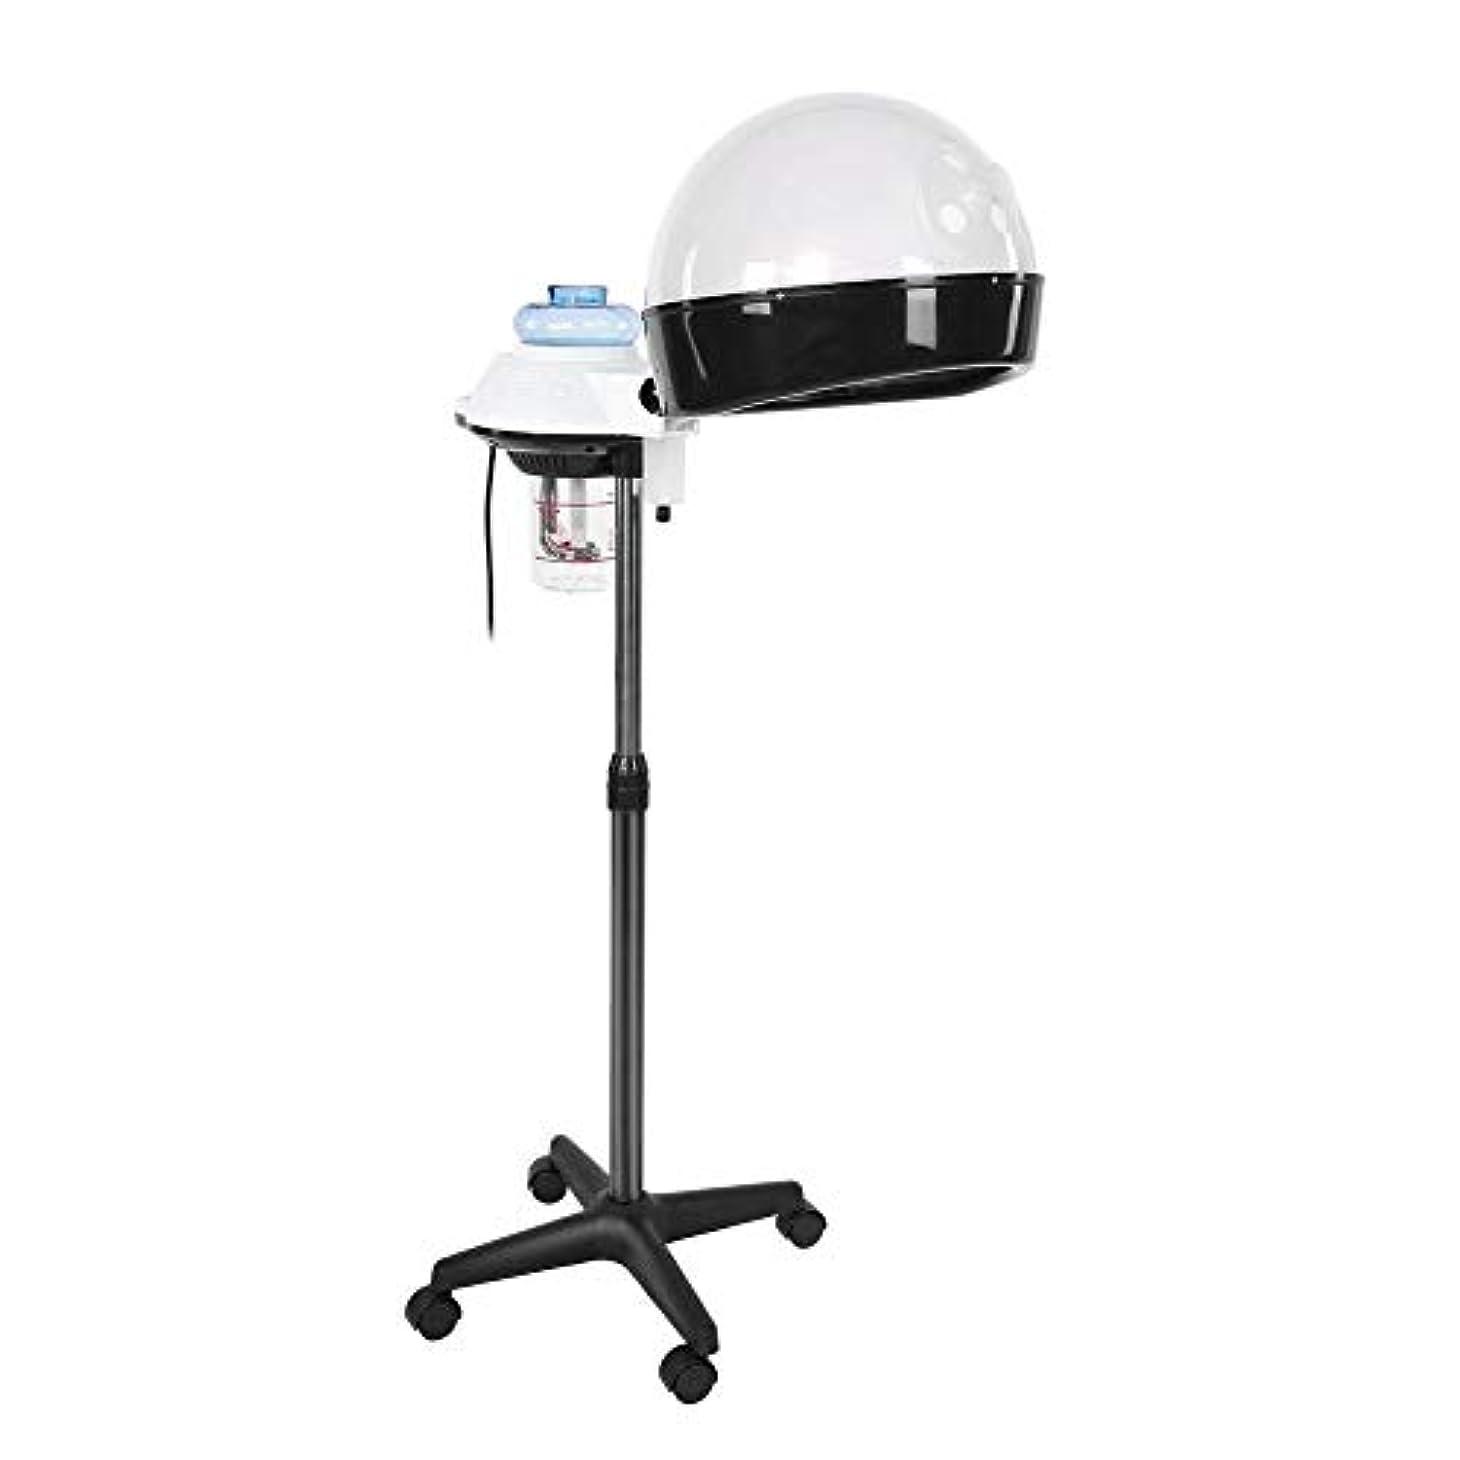 回復する知的セージヘア 加湿器 パーソナルケア用のデザイン ホットミストオゾンヘアセラピー美容機器 個人用家庭用 (US)